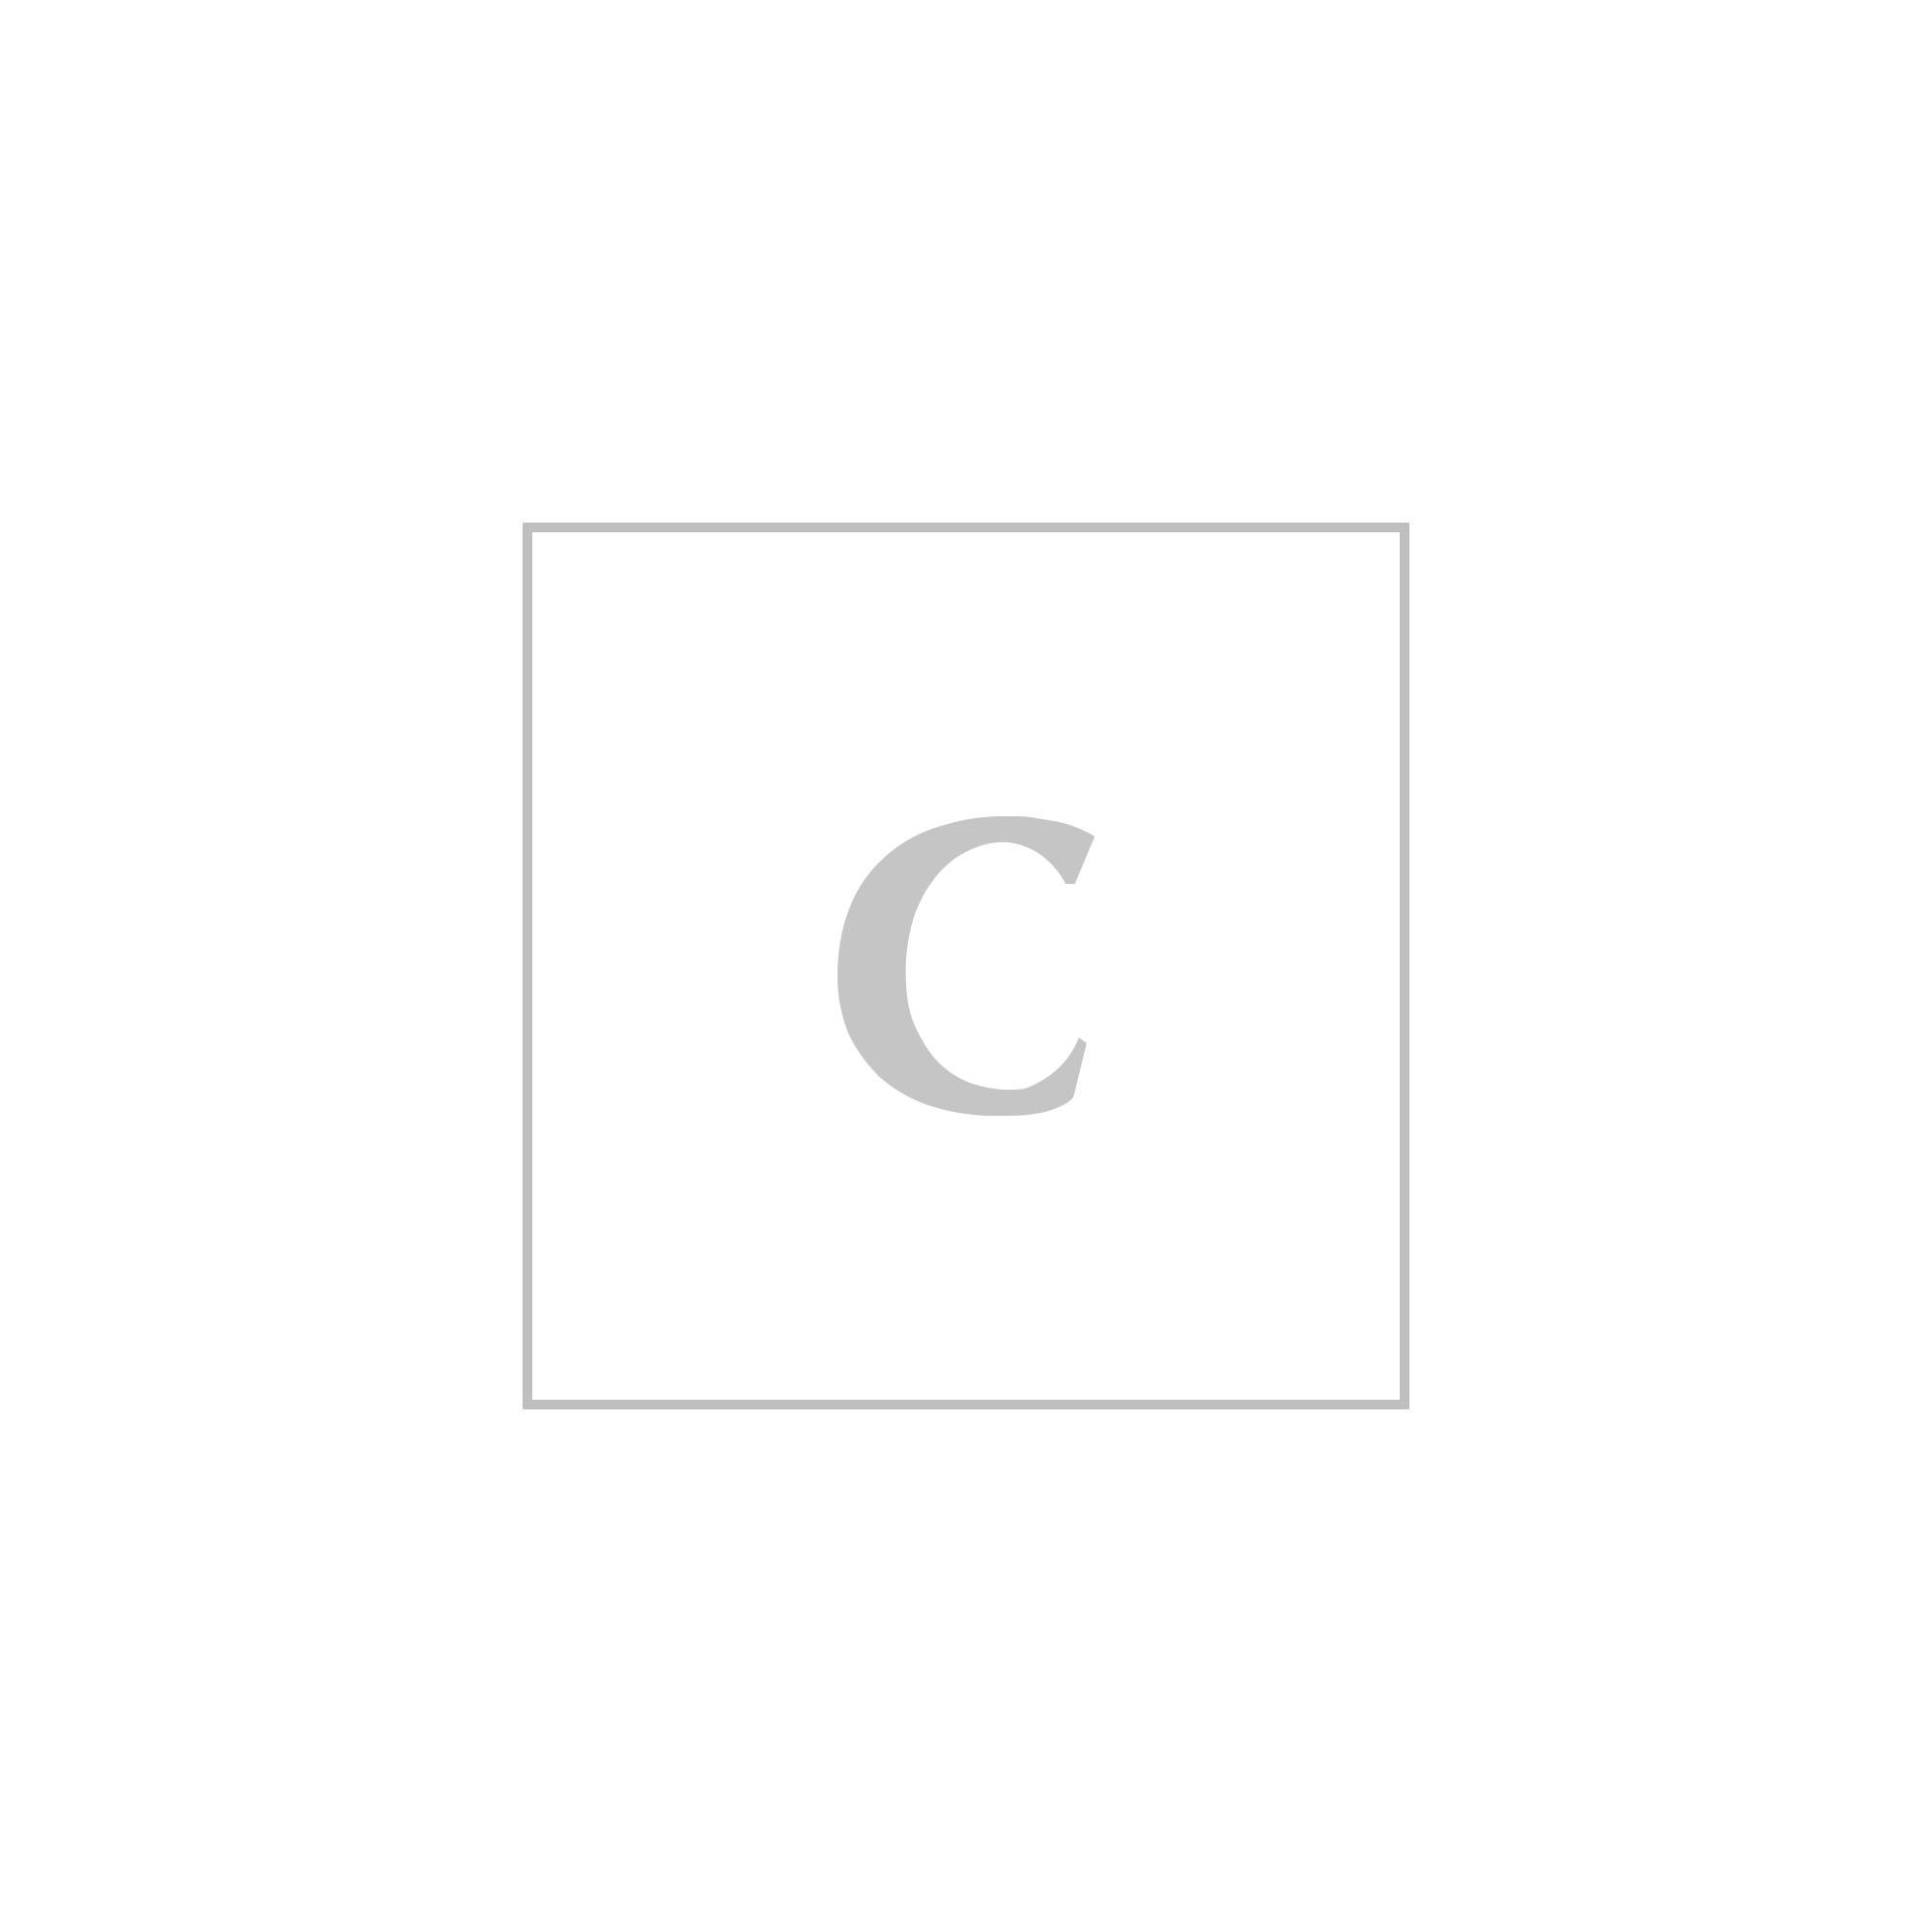 burberry abbigliamento donna impermeabile kensington midi